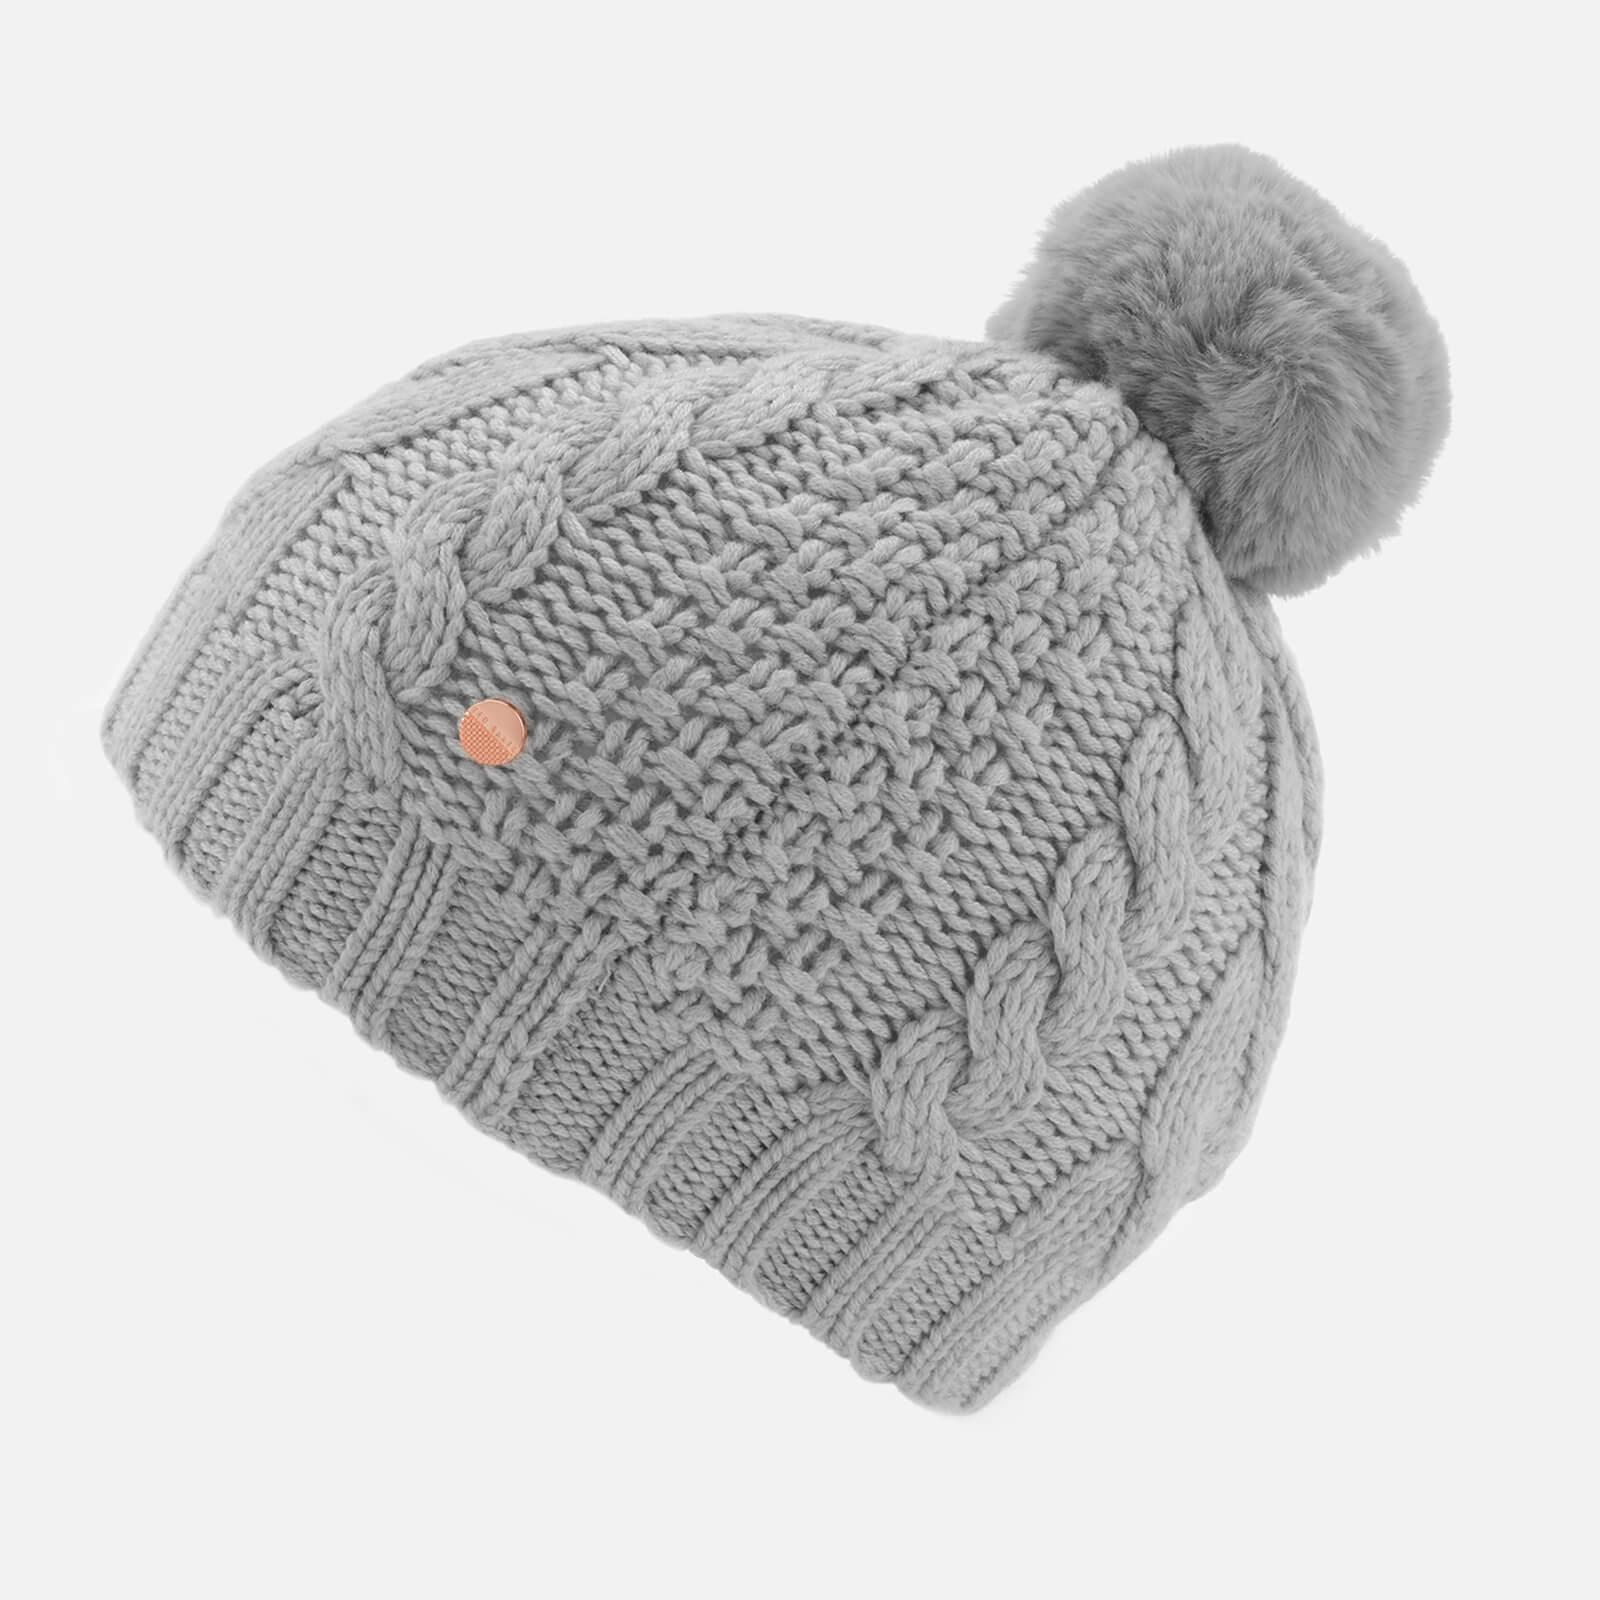 e4e5f81d8 Women's Gray Quirsa Cable Knit Pom Hat